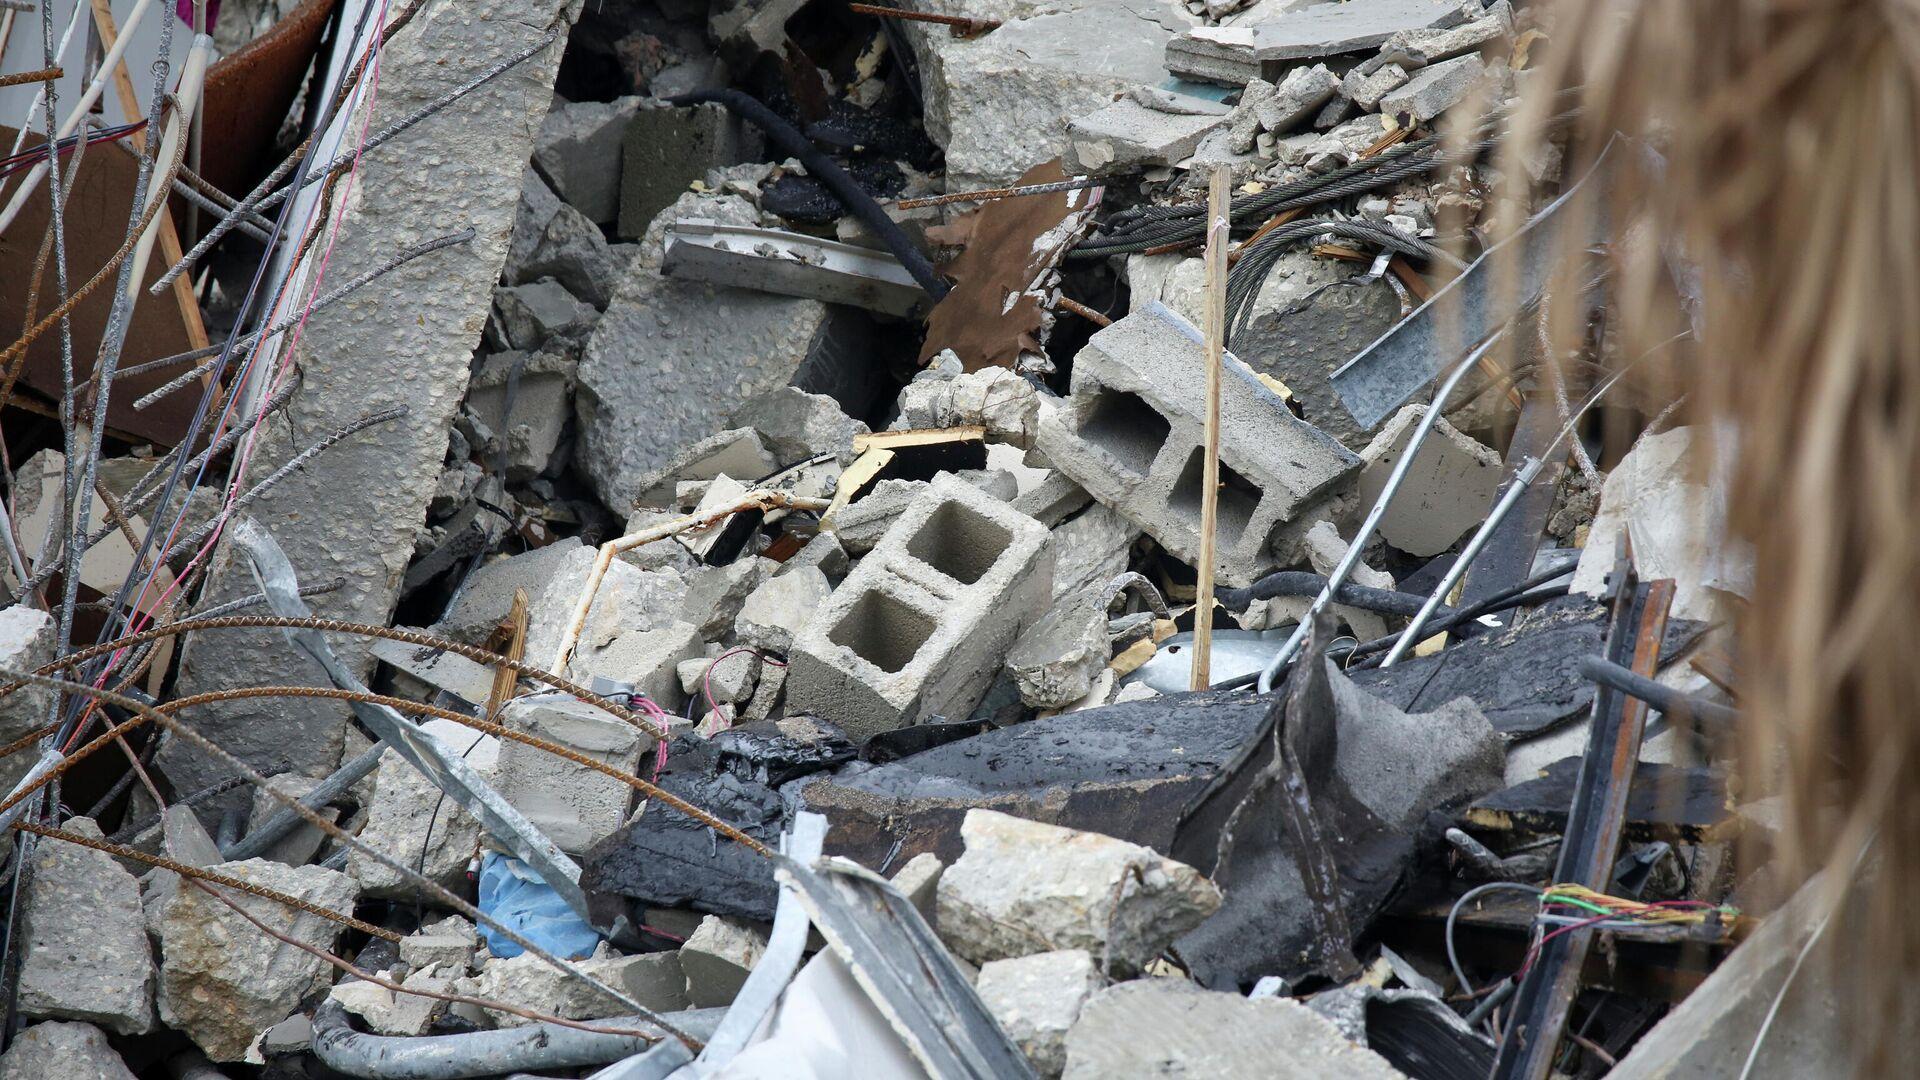 Escombros del edificio Champlain Towers South de la localidad de Surfside, EEUU - Sputnik Mundo, 1920, 09.07.2021